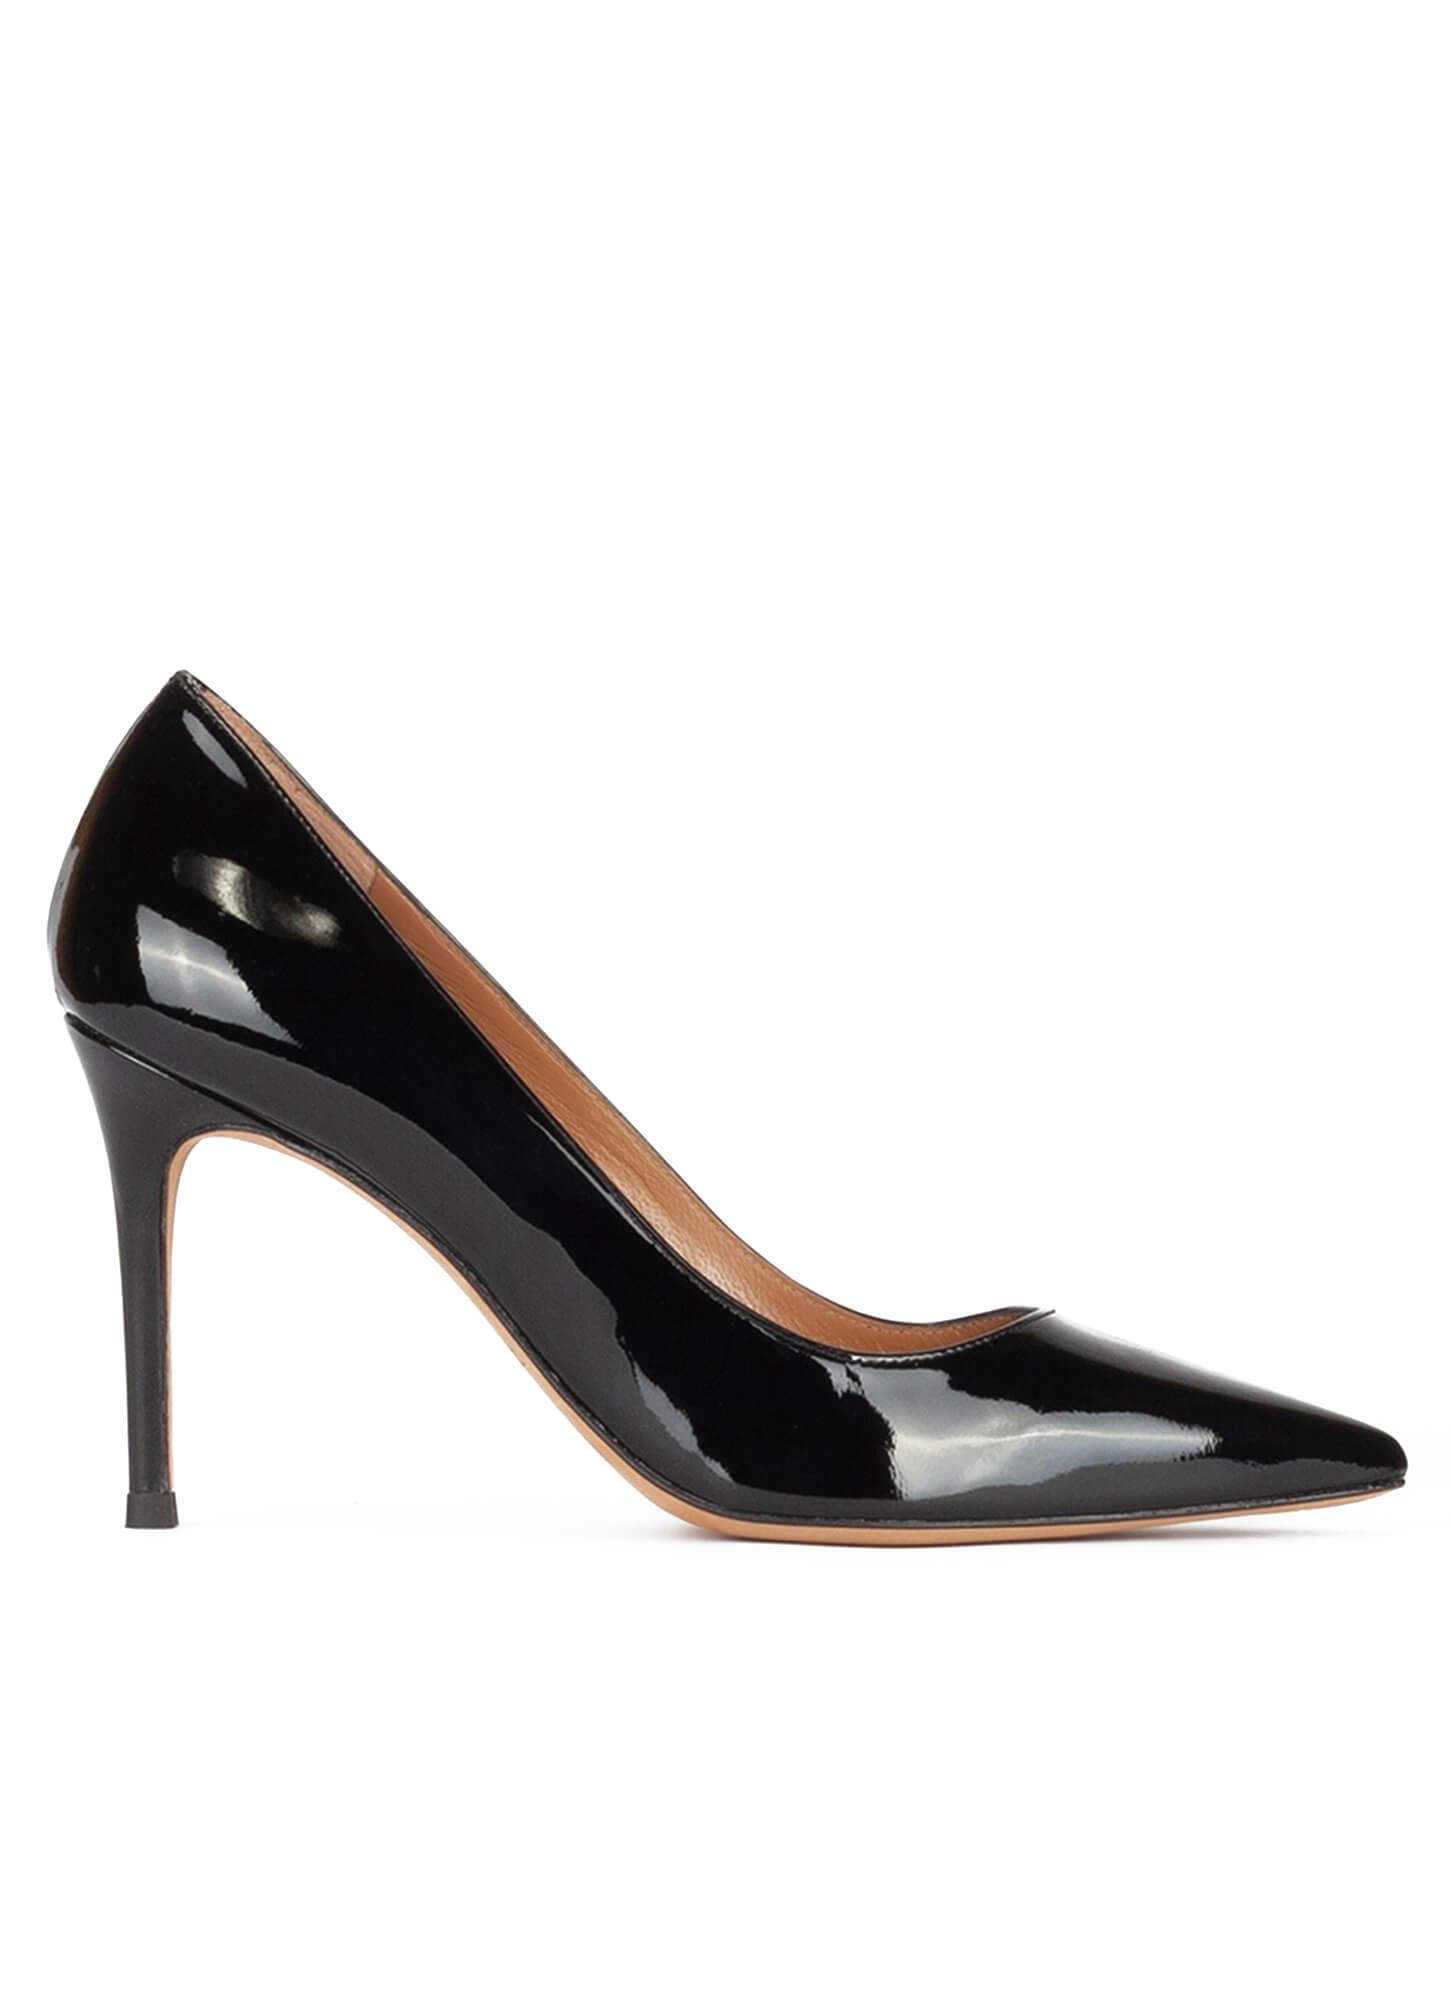 Zapatos de salón negros en punta con diseño muy acolchado